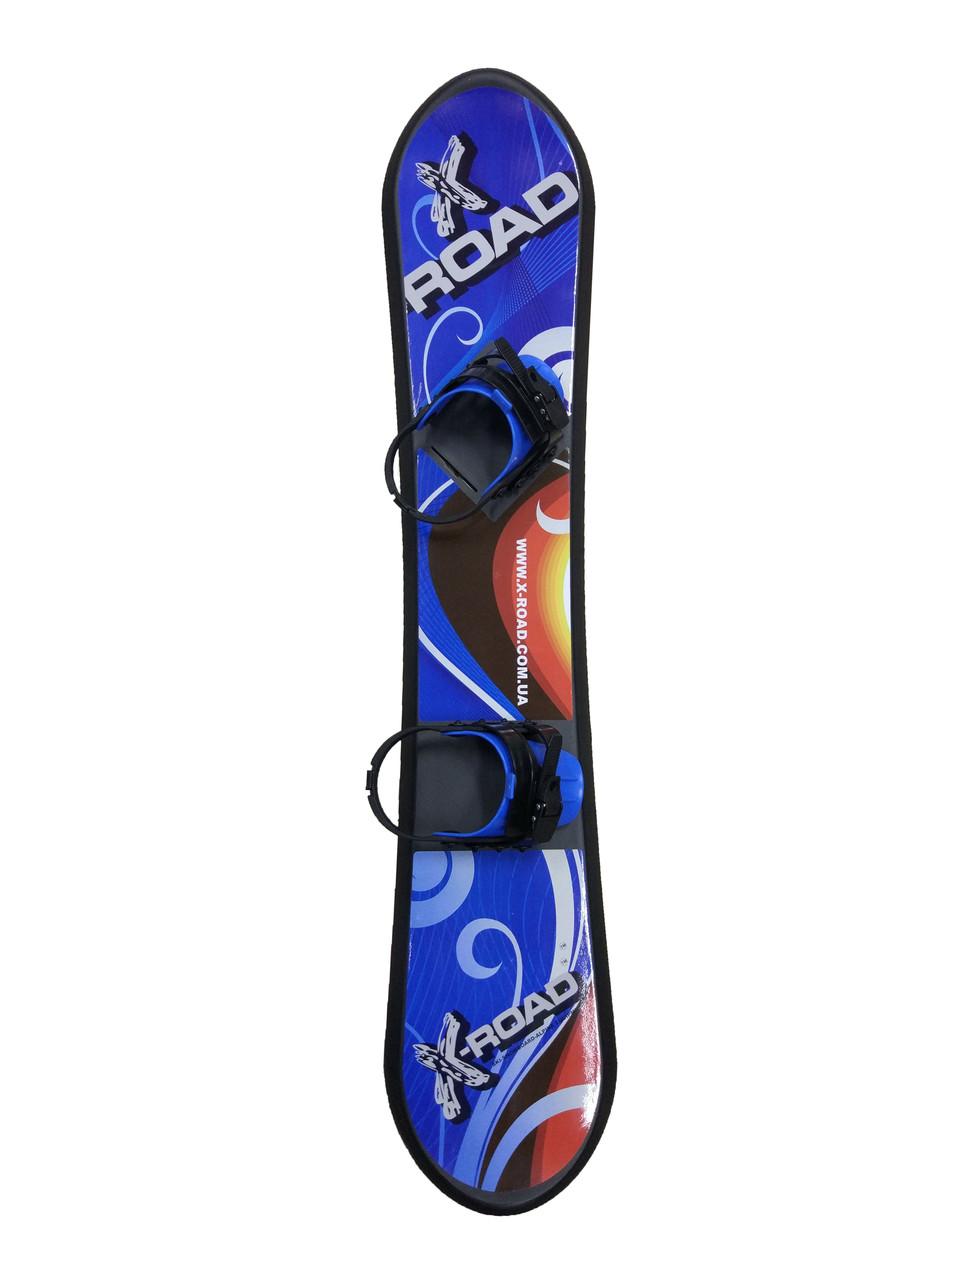 Сноуборд дитячий 147 см. пластиковий з кріпленнями X-Road 71101-147,   147 см.